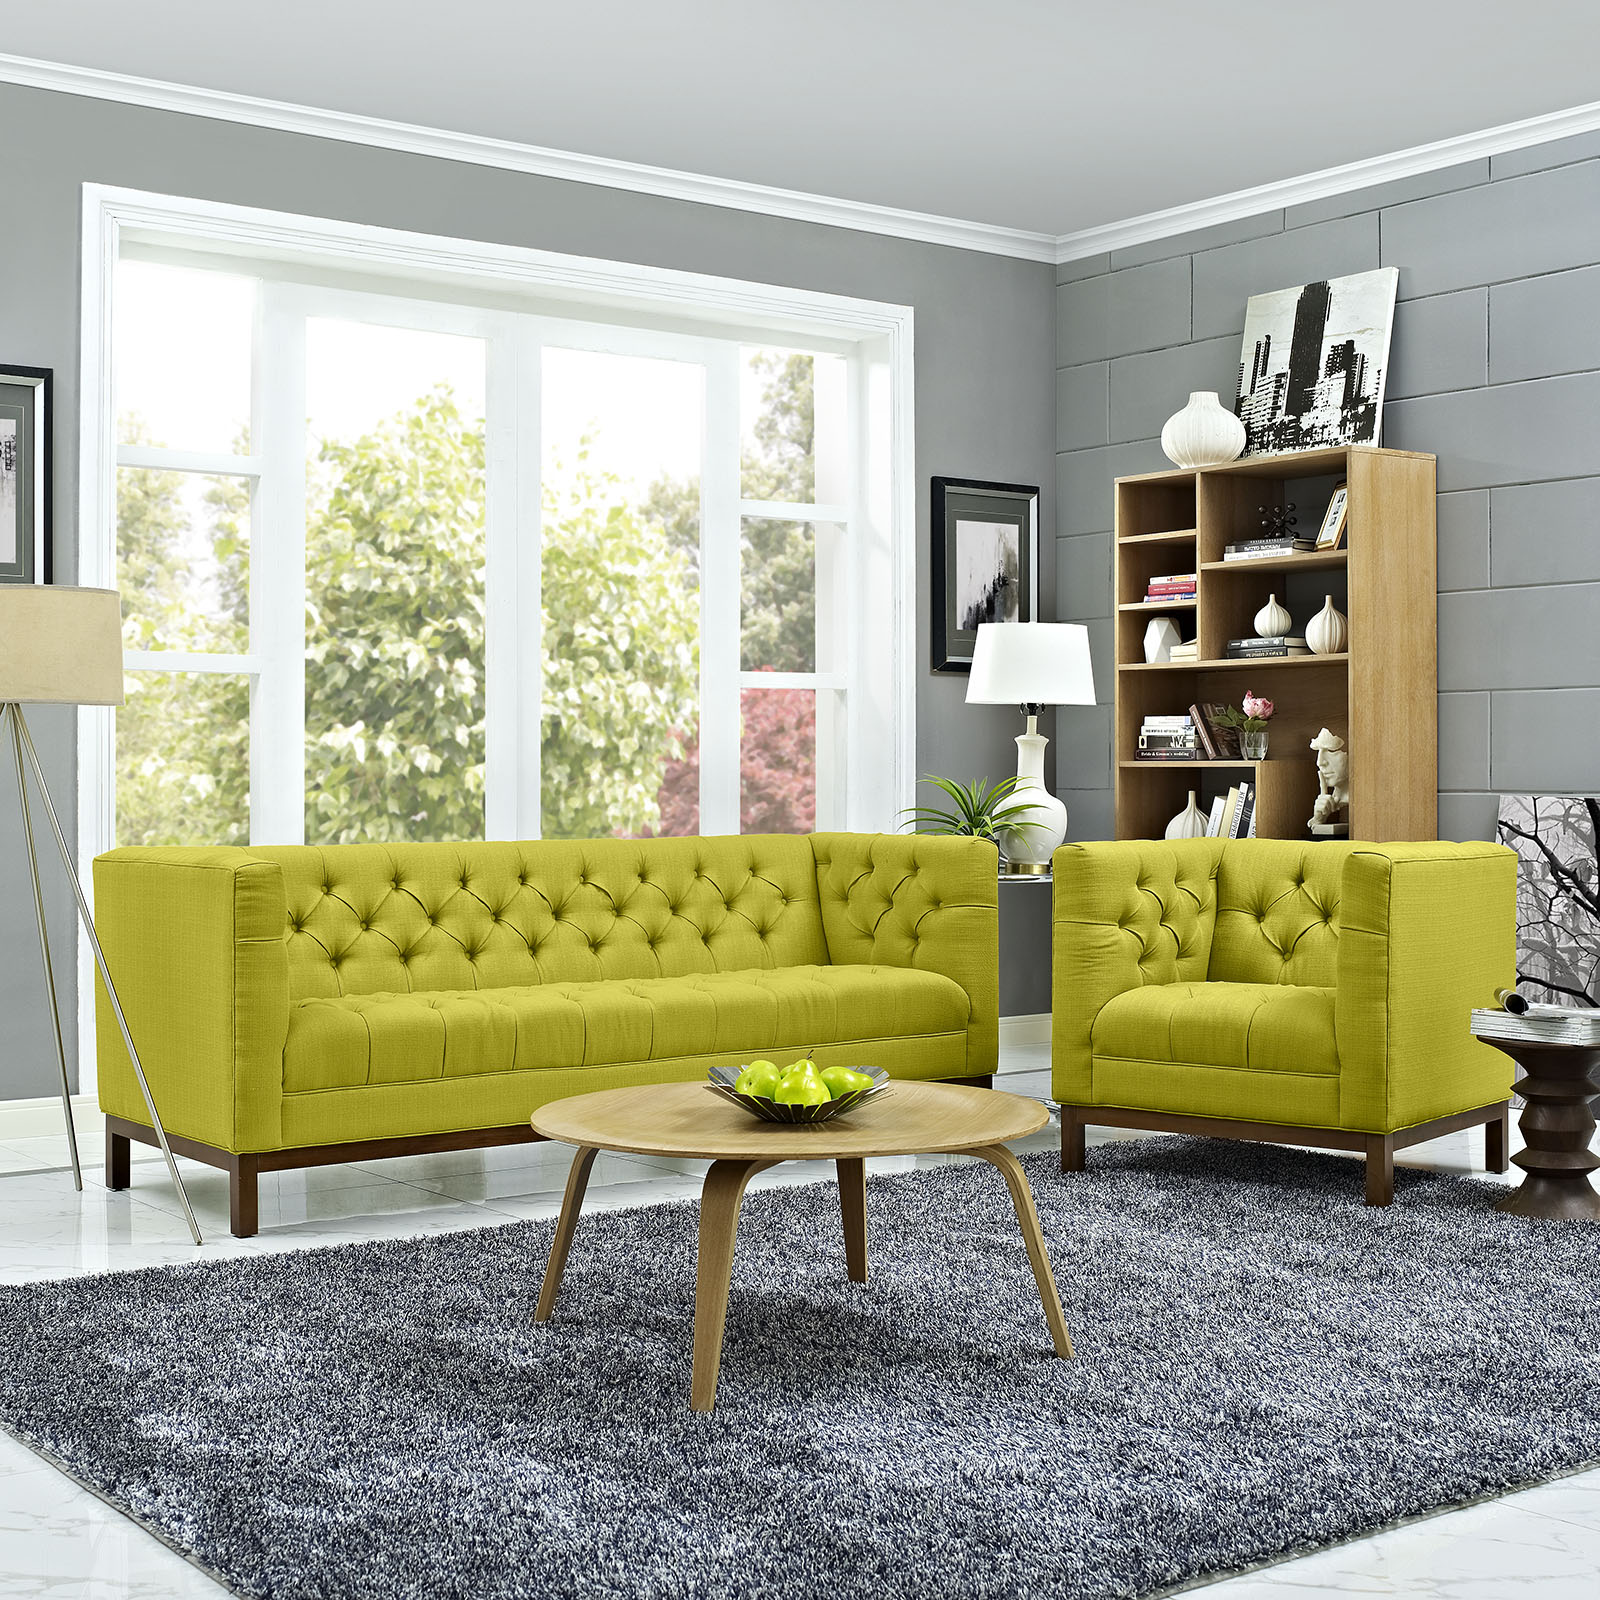 Panache Upholstered Fabric Sofa In Wheatgrass